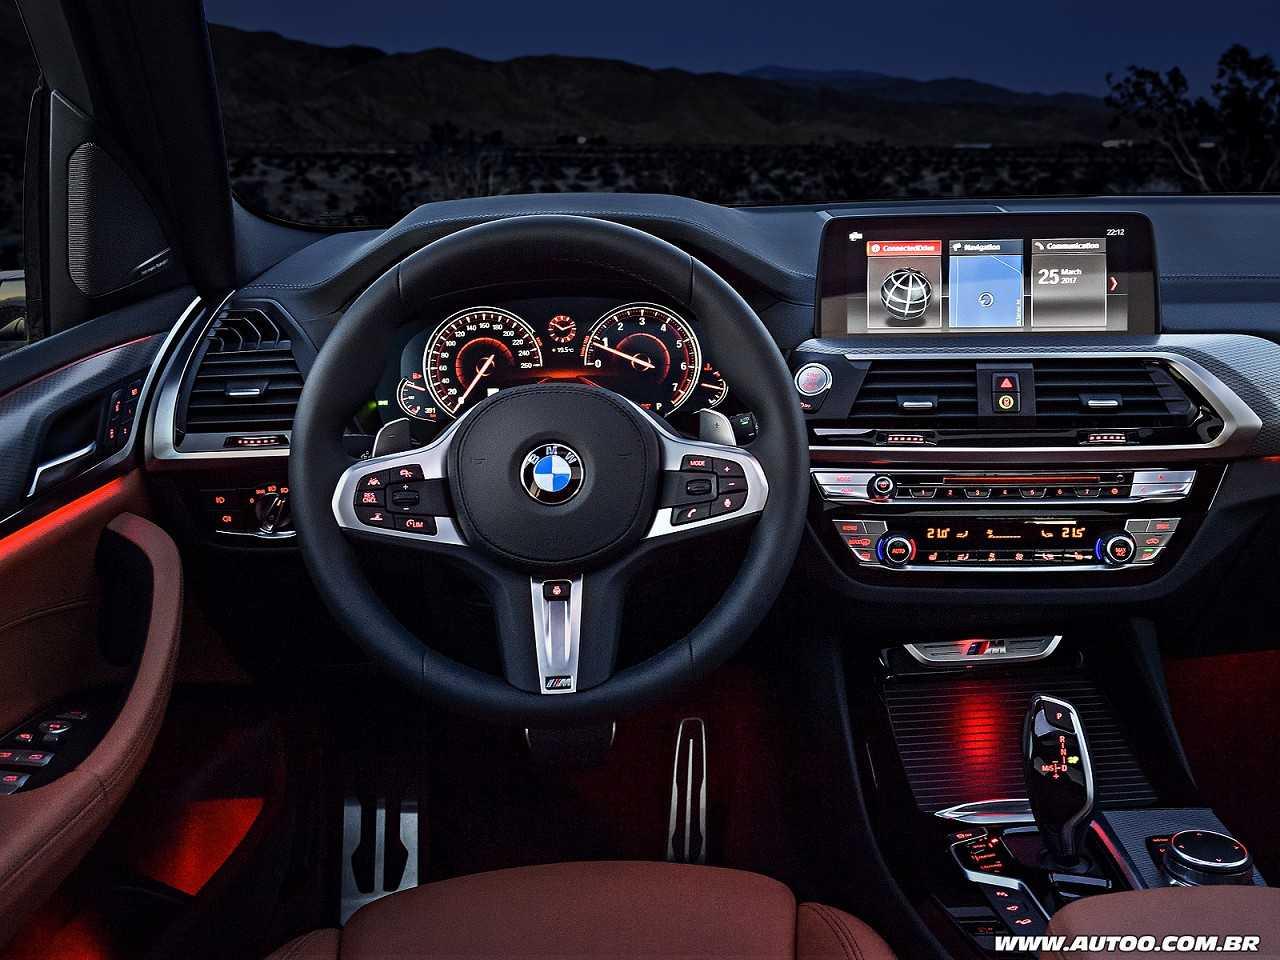 BMW X5 - Foto 4 de 7 - 1280 x 960 pixels - AUTOO